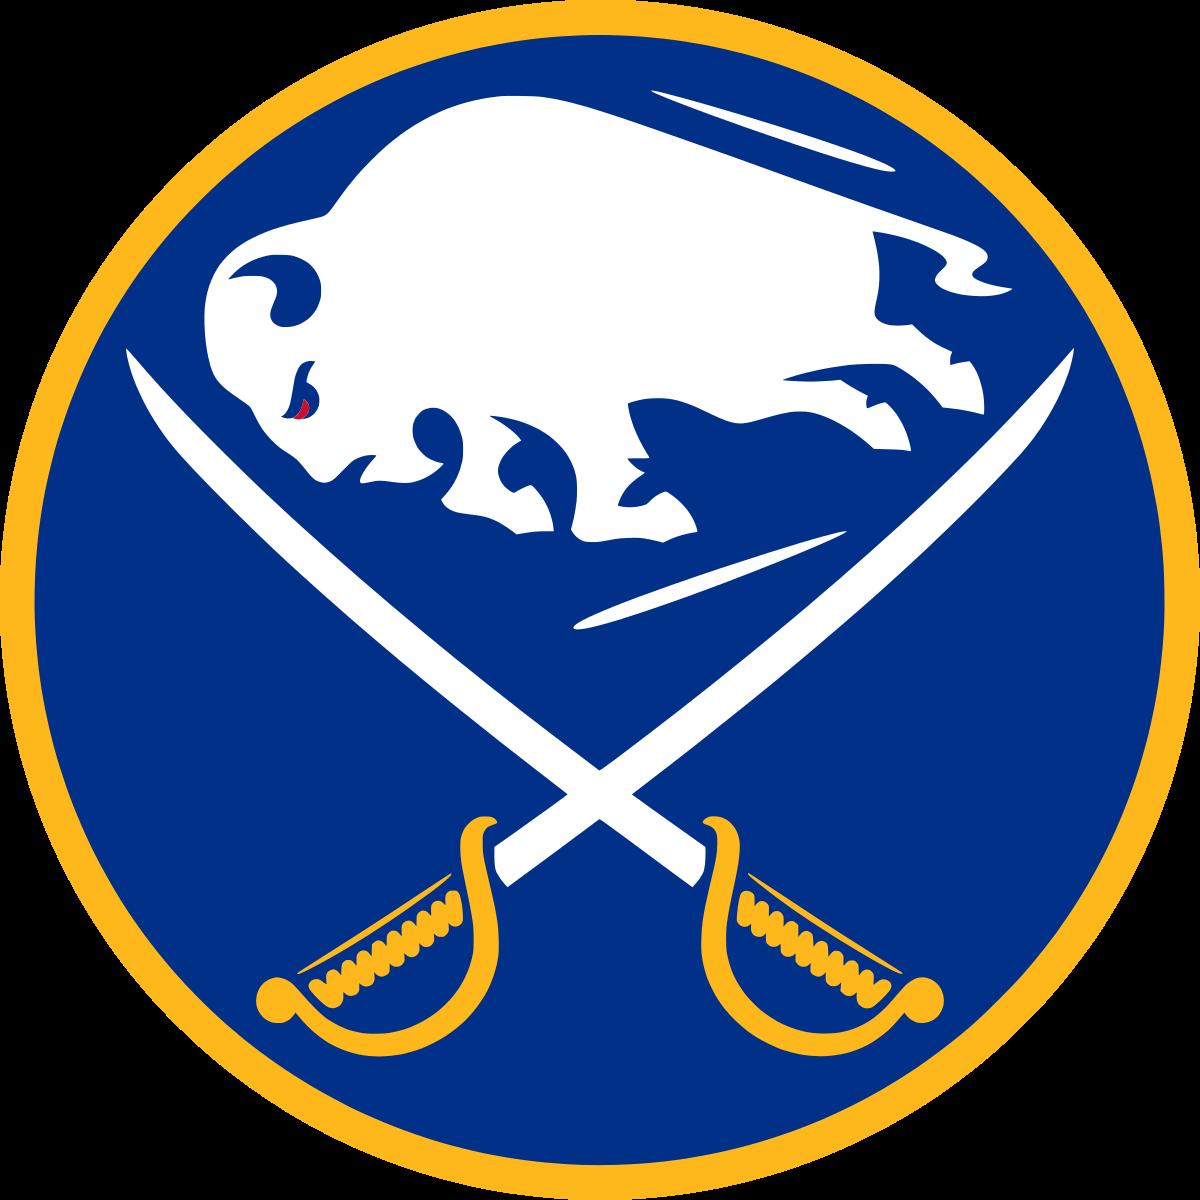 Buffalo Sabres - Wikipedia